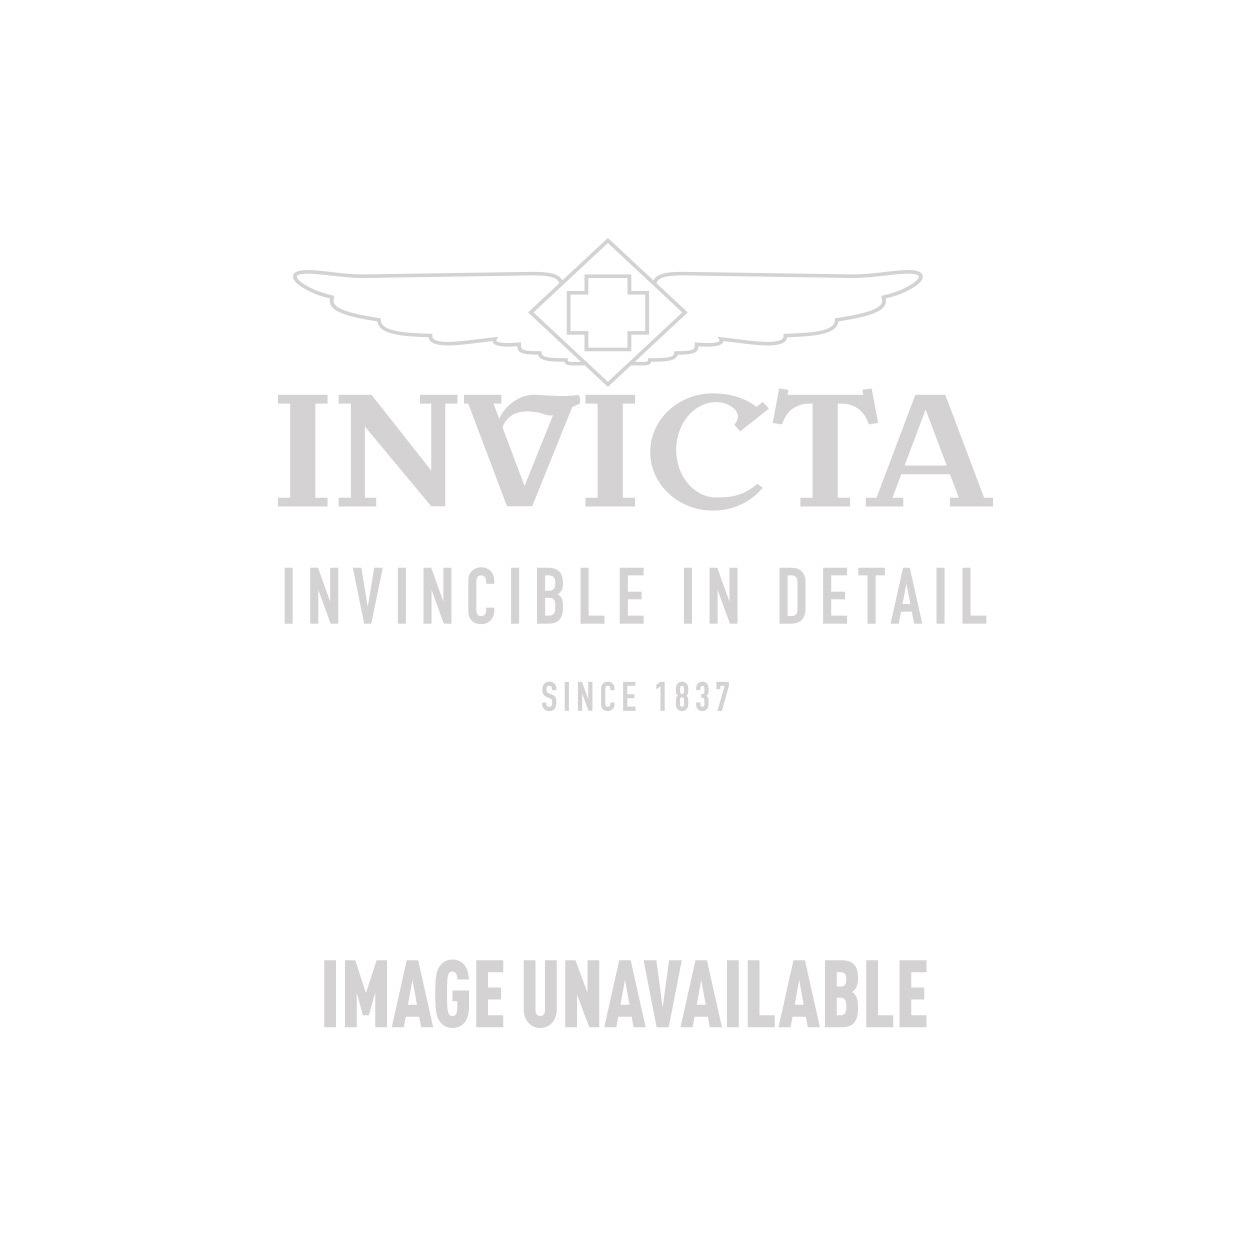 how to change invicta subaqua watch band